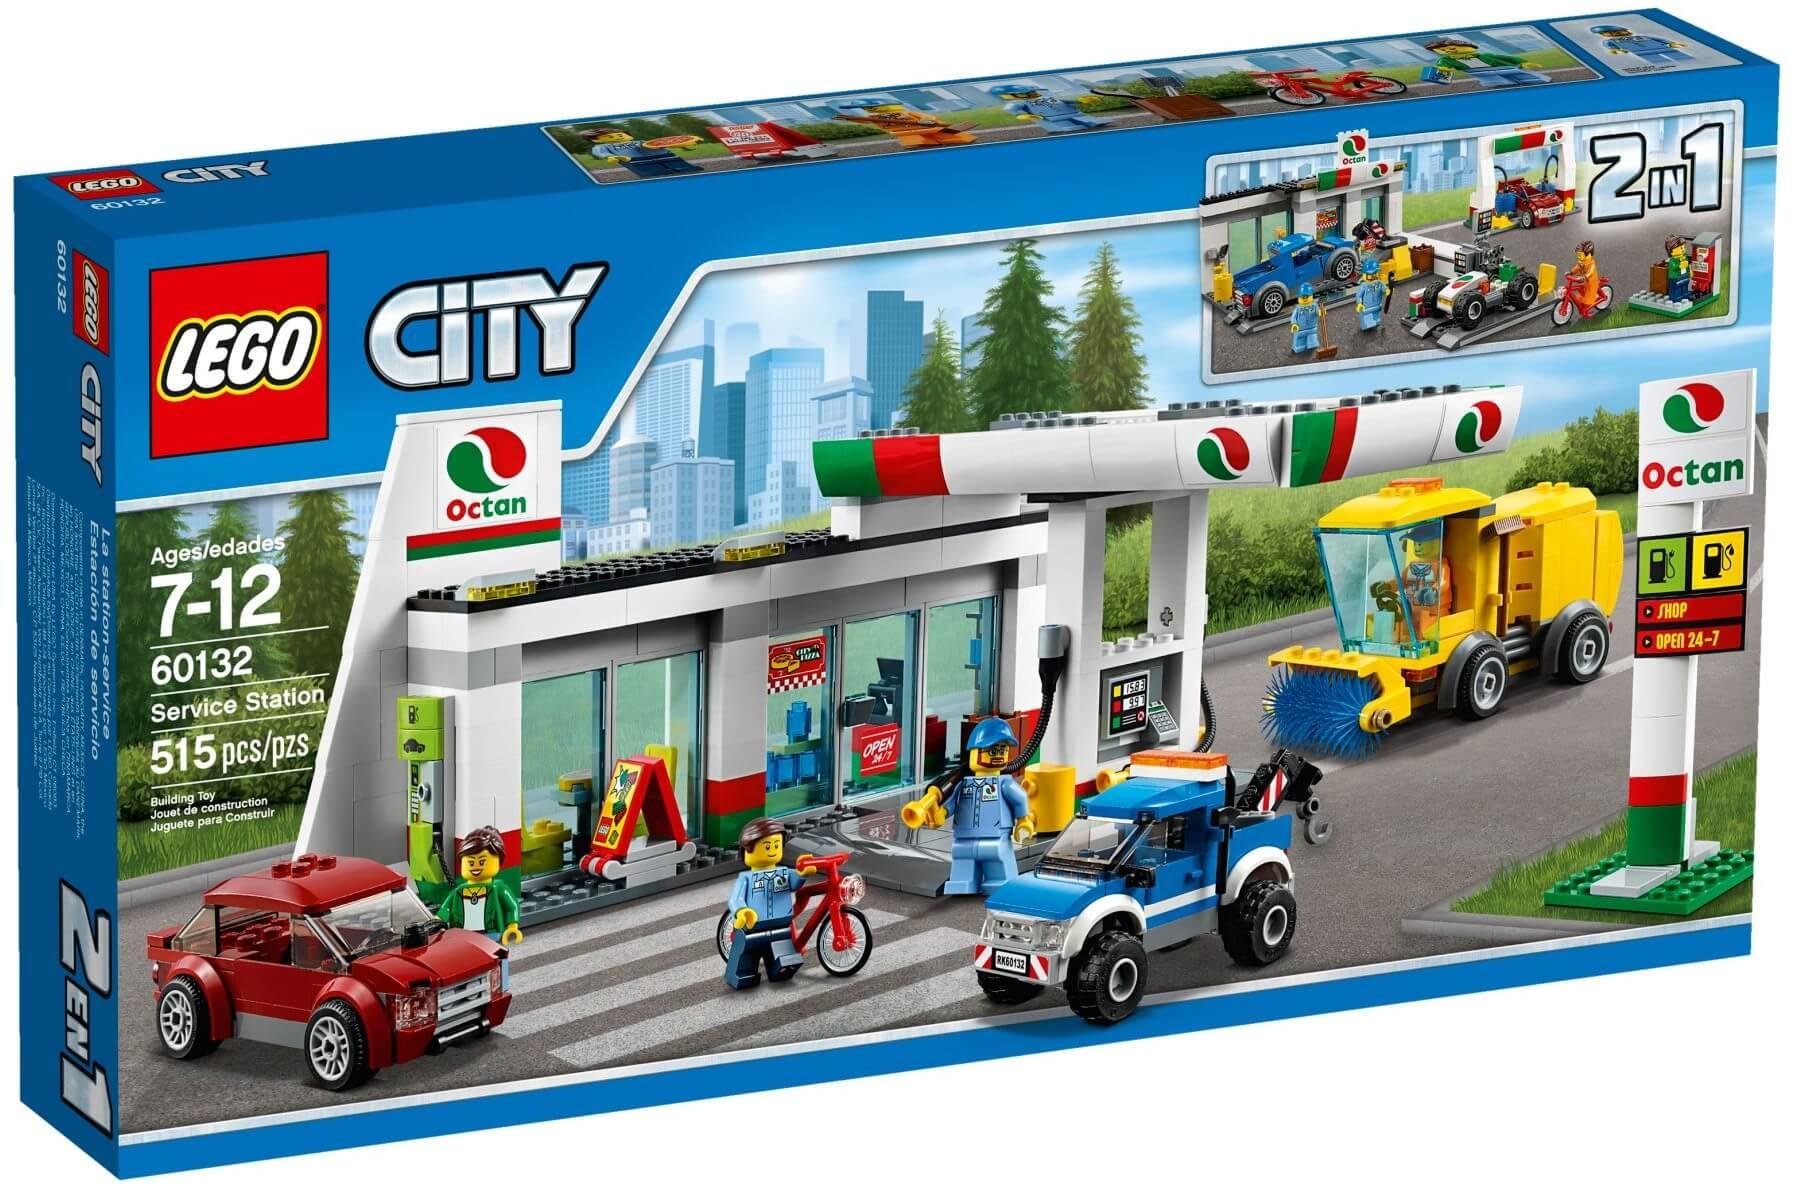 Mua đồ chơi LEGO 60132 - LEGO City 60132 - Trạm Xăng Thành Phố (LEGO City Service Station 60132)